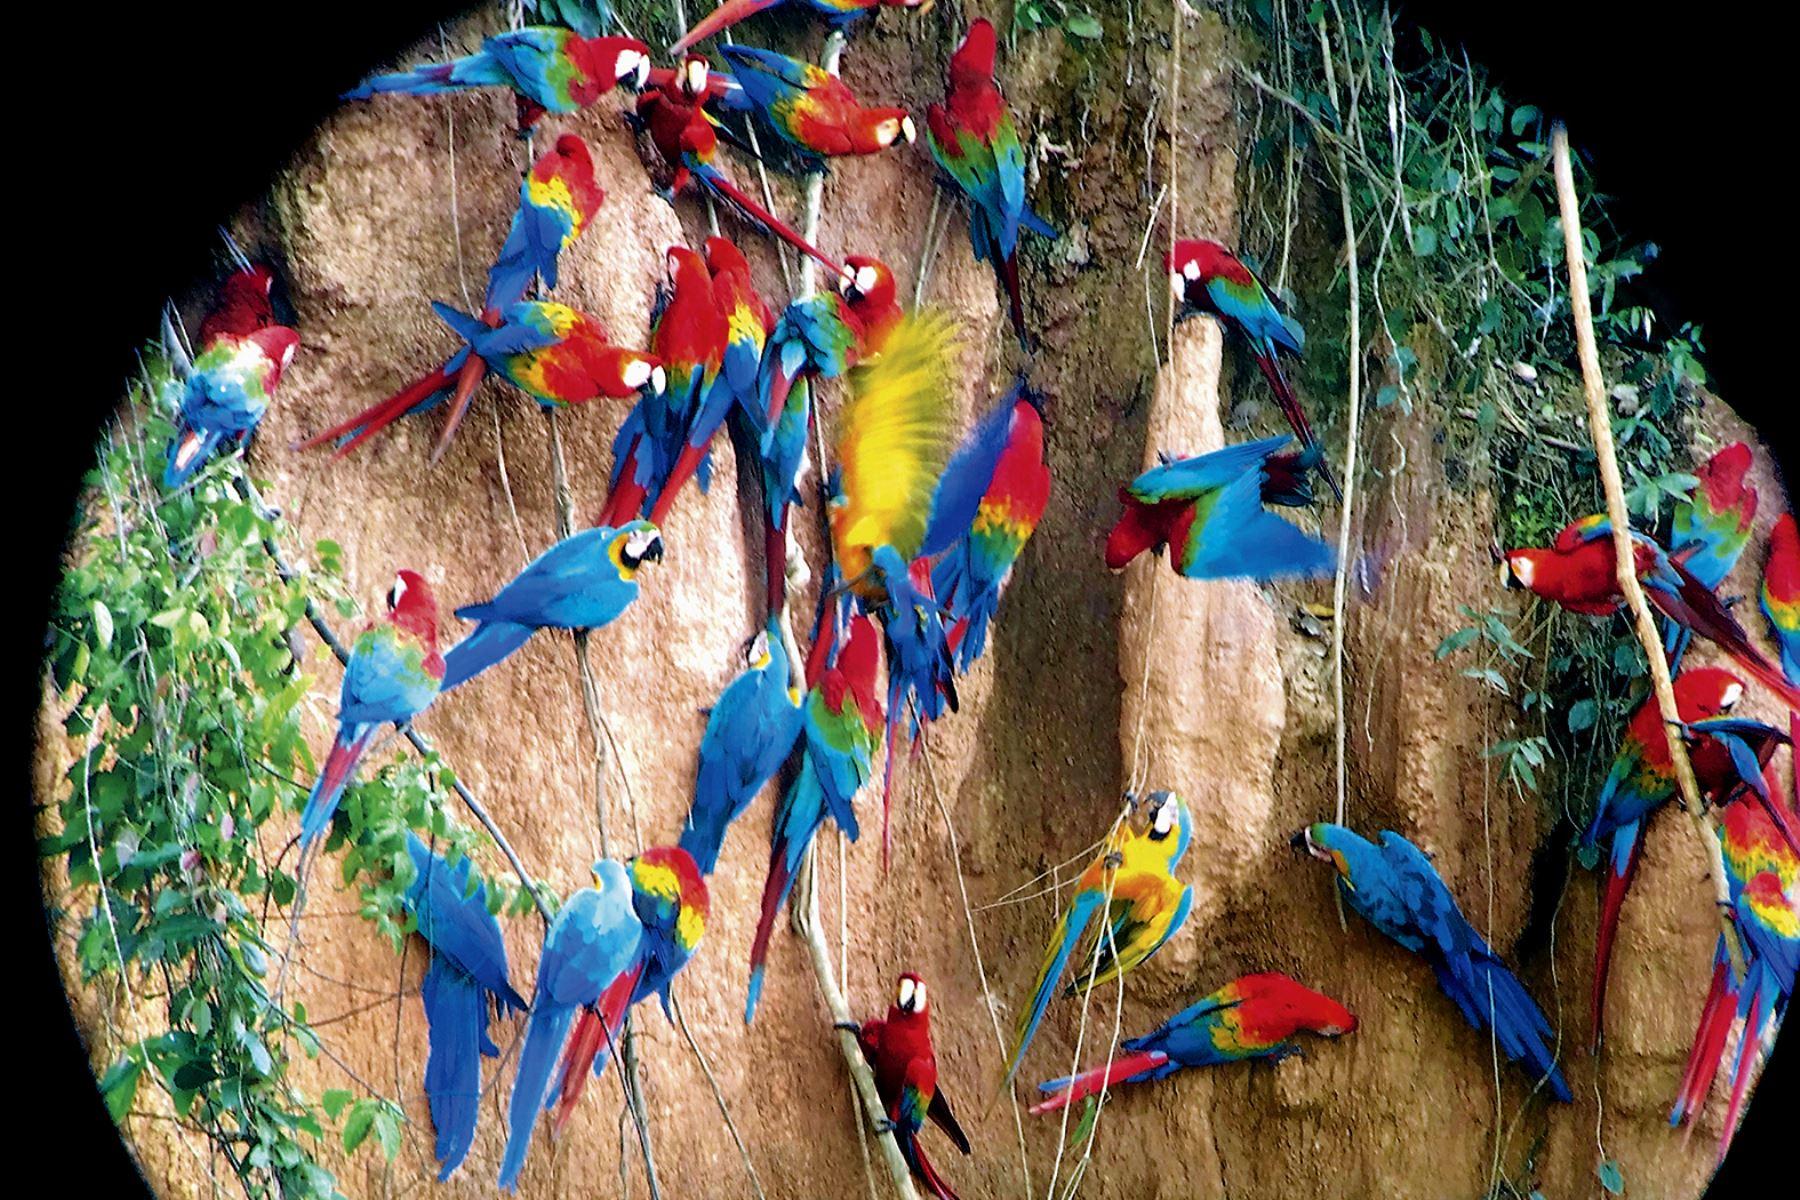 Los guacayamos son la especie más amenazada por los traficantes de animales. Foto: Cortesía/ Gustavo Sánchez